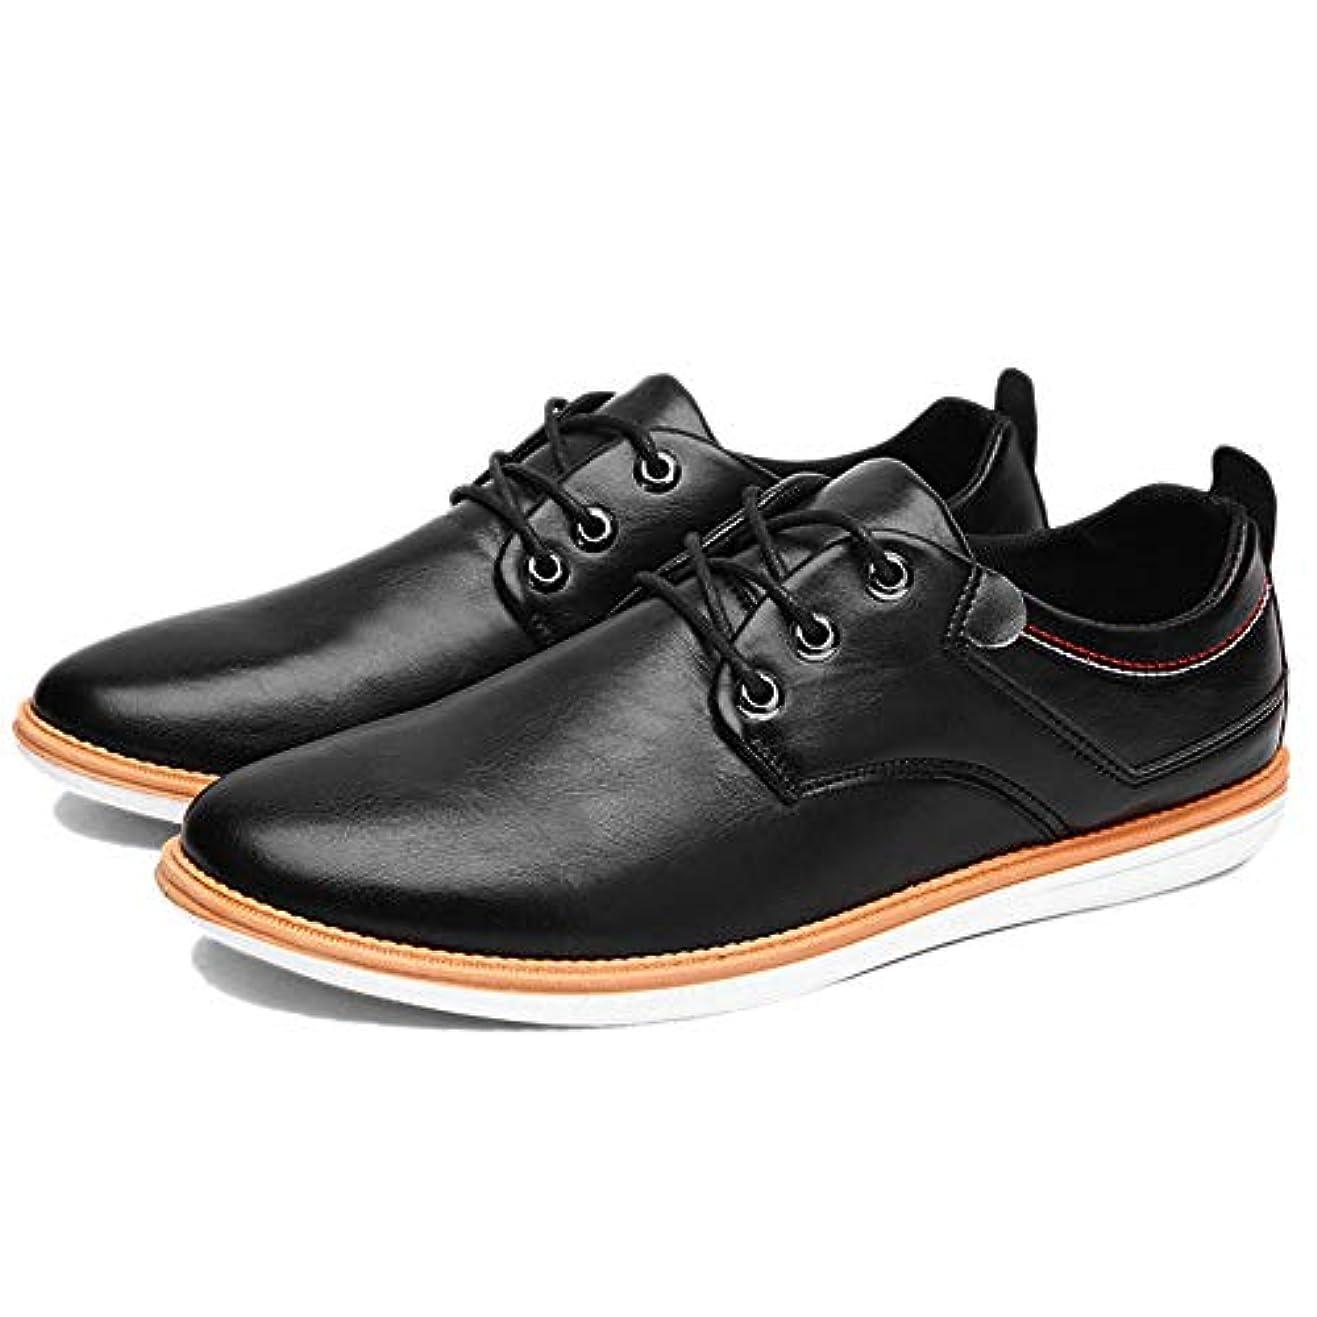 治安判事呼び起こすティーンエイジャーFashion maker(F&M) ビジネスシューズ メンズ レースアップ 編み上げ 紳士靴 オックスフォードシューズ ローファー カジュアル かっこいい 結婚式 通勤 通学 全3色 大きいサイズ